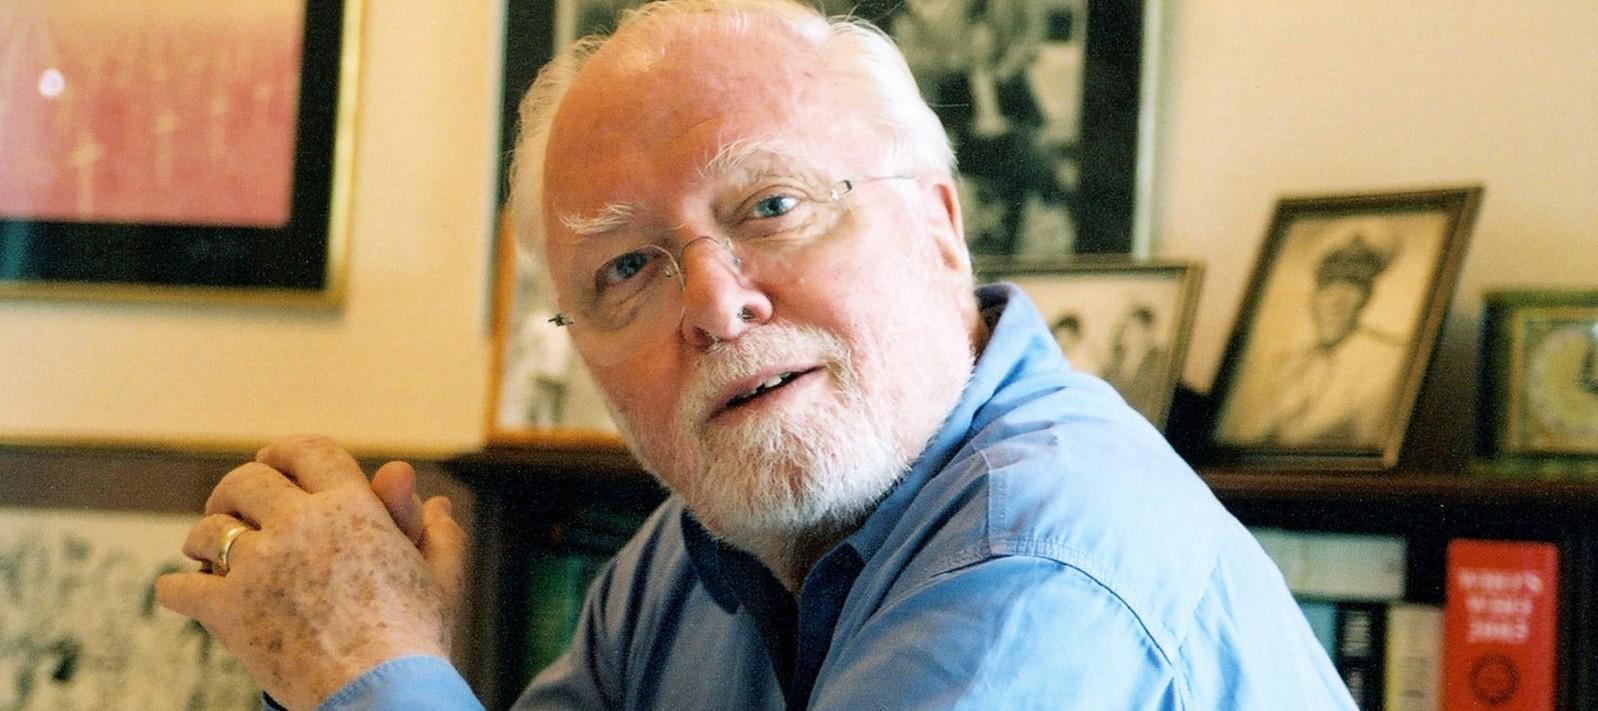 British actor Richard Attenborough dies at 90